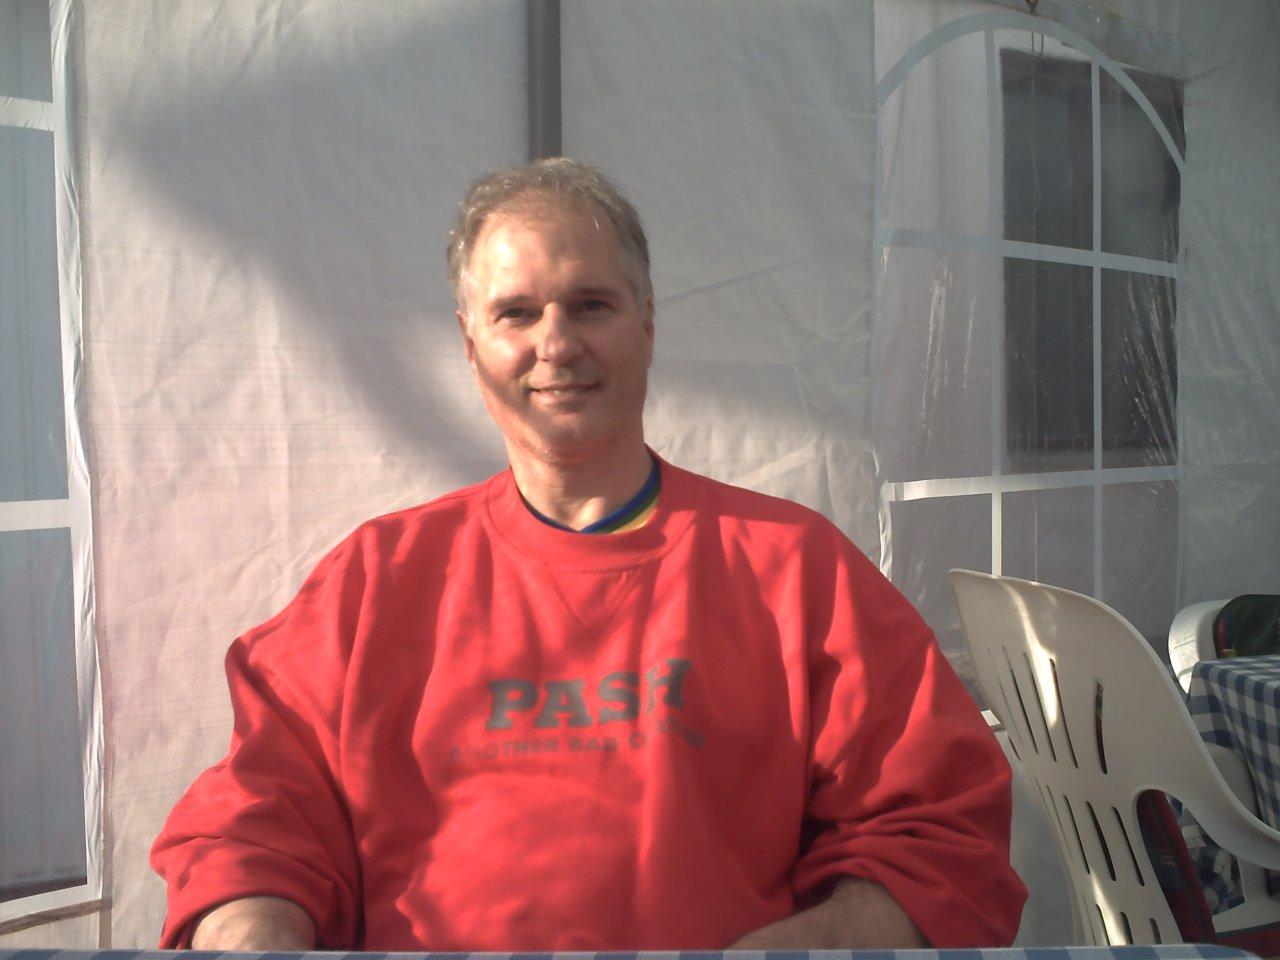 Auf dem Foto steht Herbert Amare Degu vor einer weiten Landschaft mit Häusern. Er hat kurzes graues Haar und trägt eine Sonnenbrille. Außerdem trägt er einen grauen Pullover.